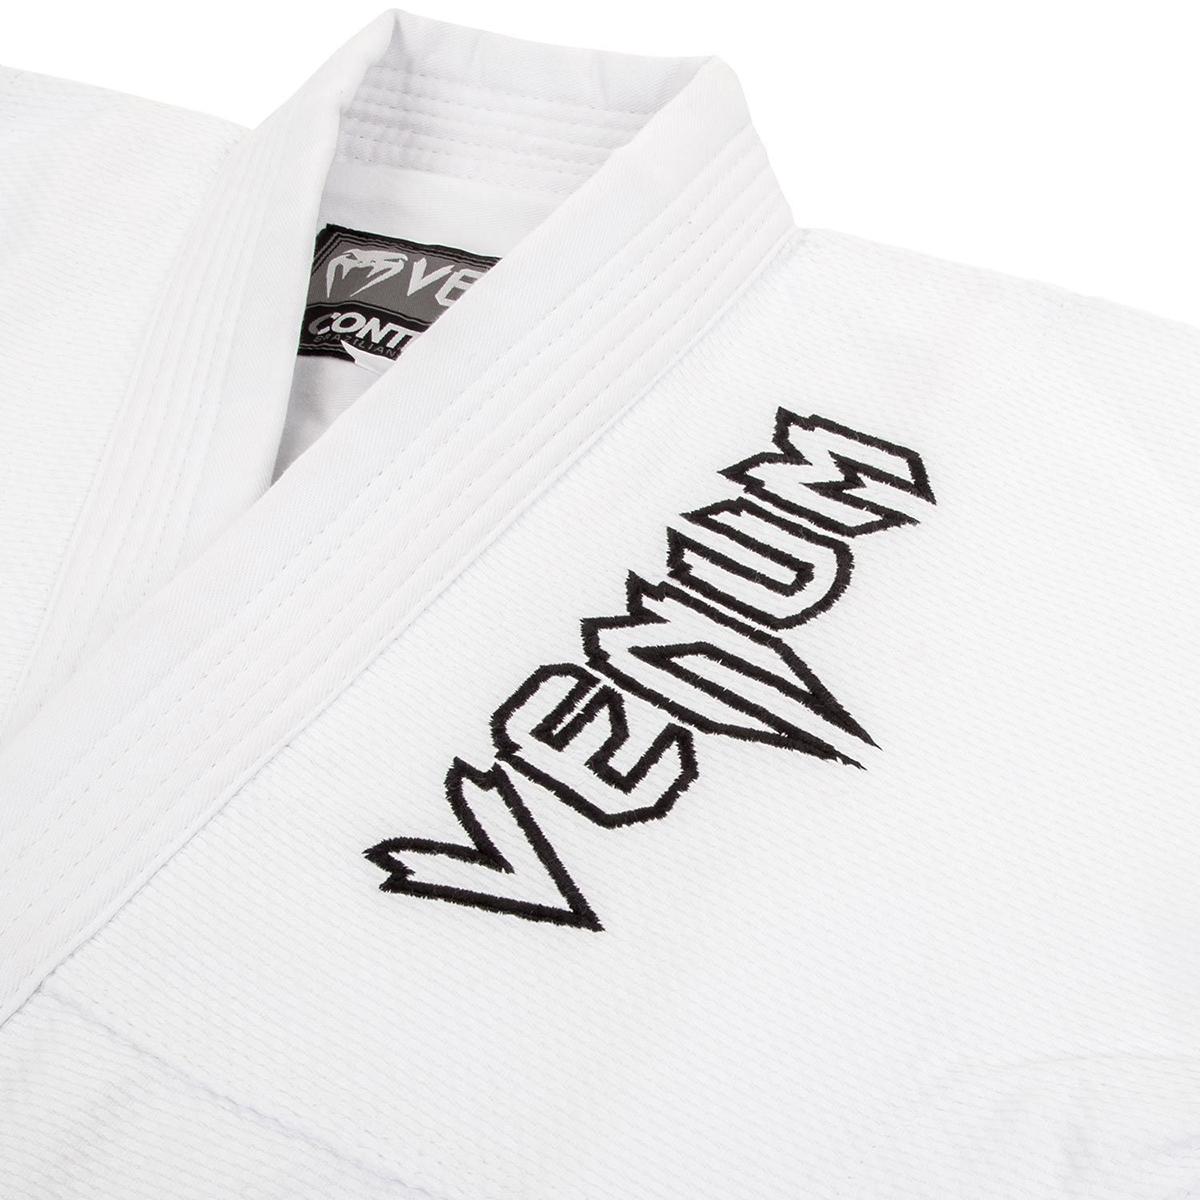 thumbnail 38 - Venum Contender 2.0 Brazilian Jiu-Jitsu Gi